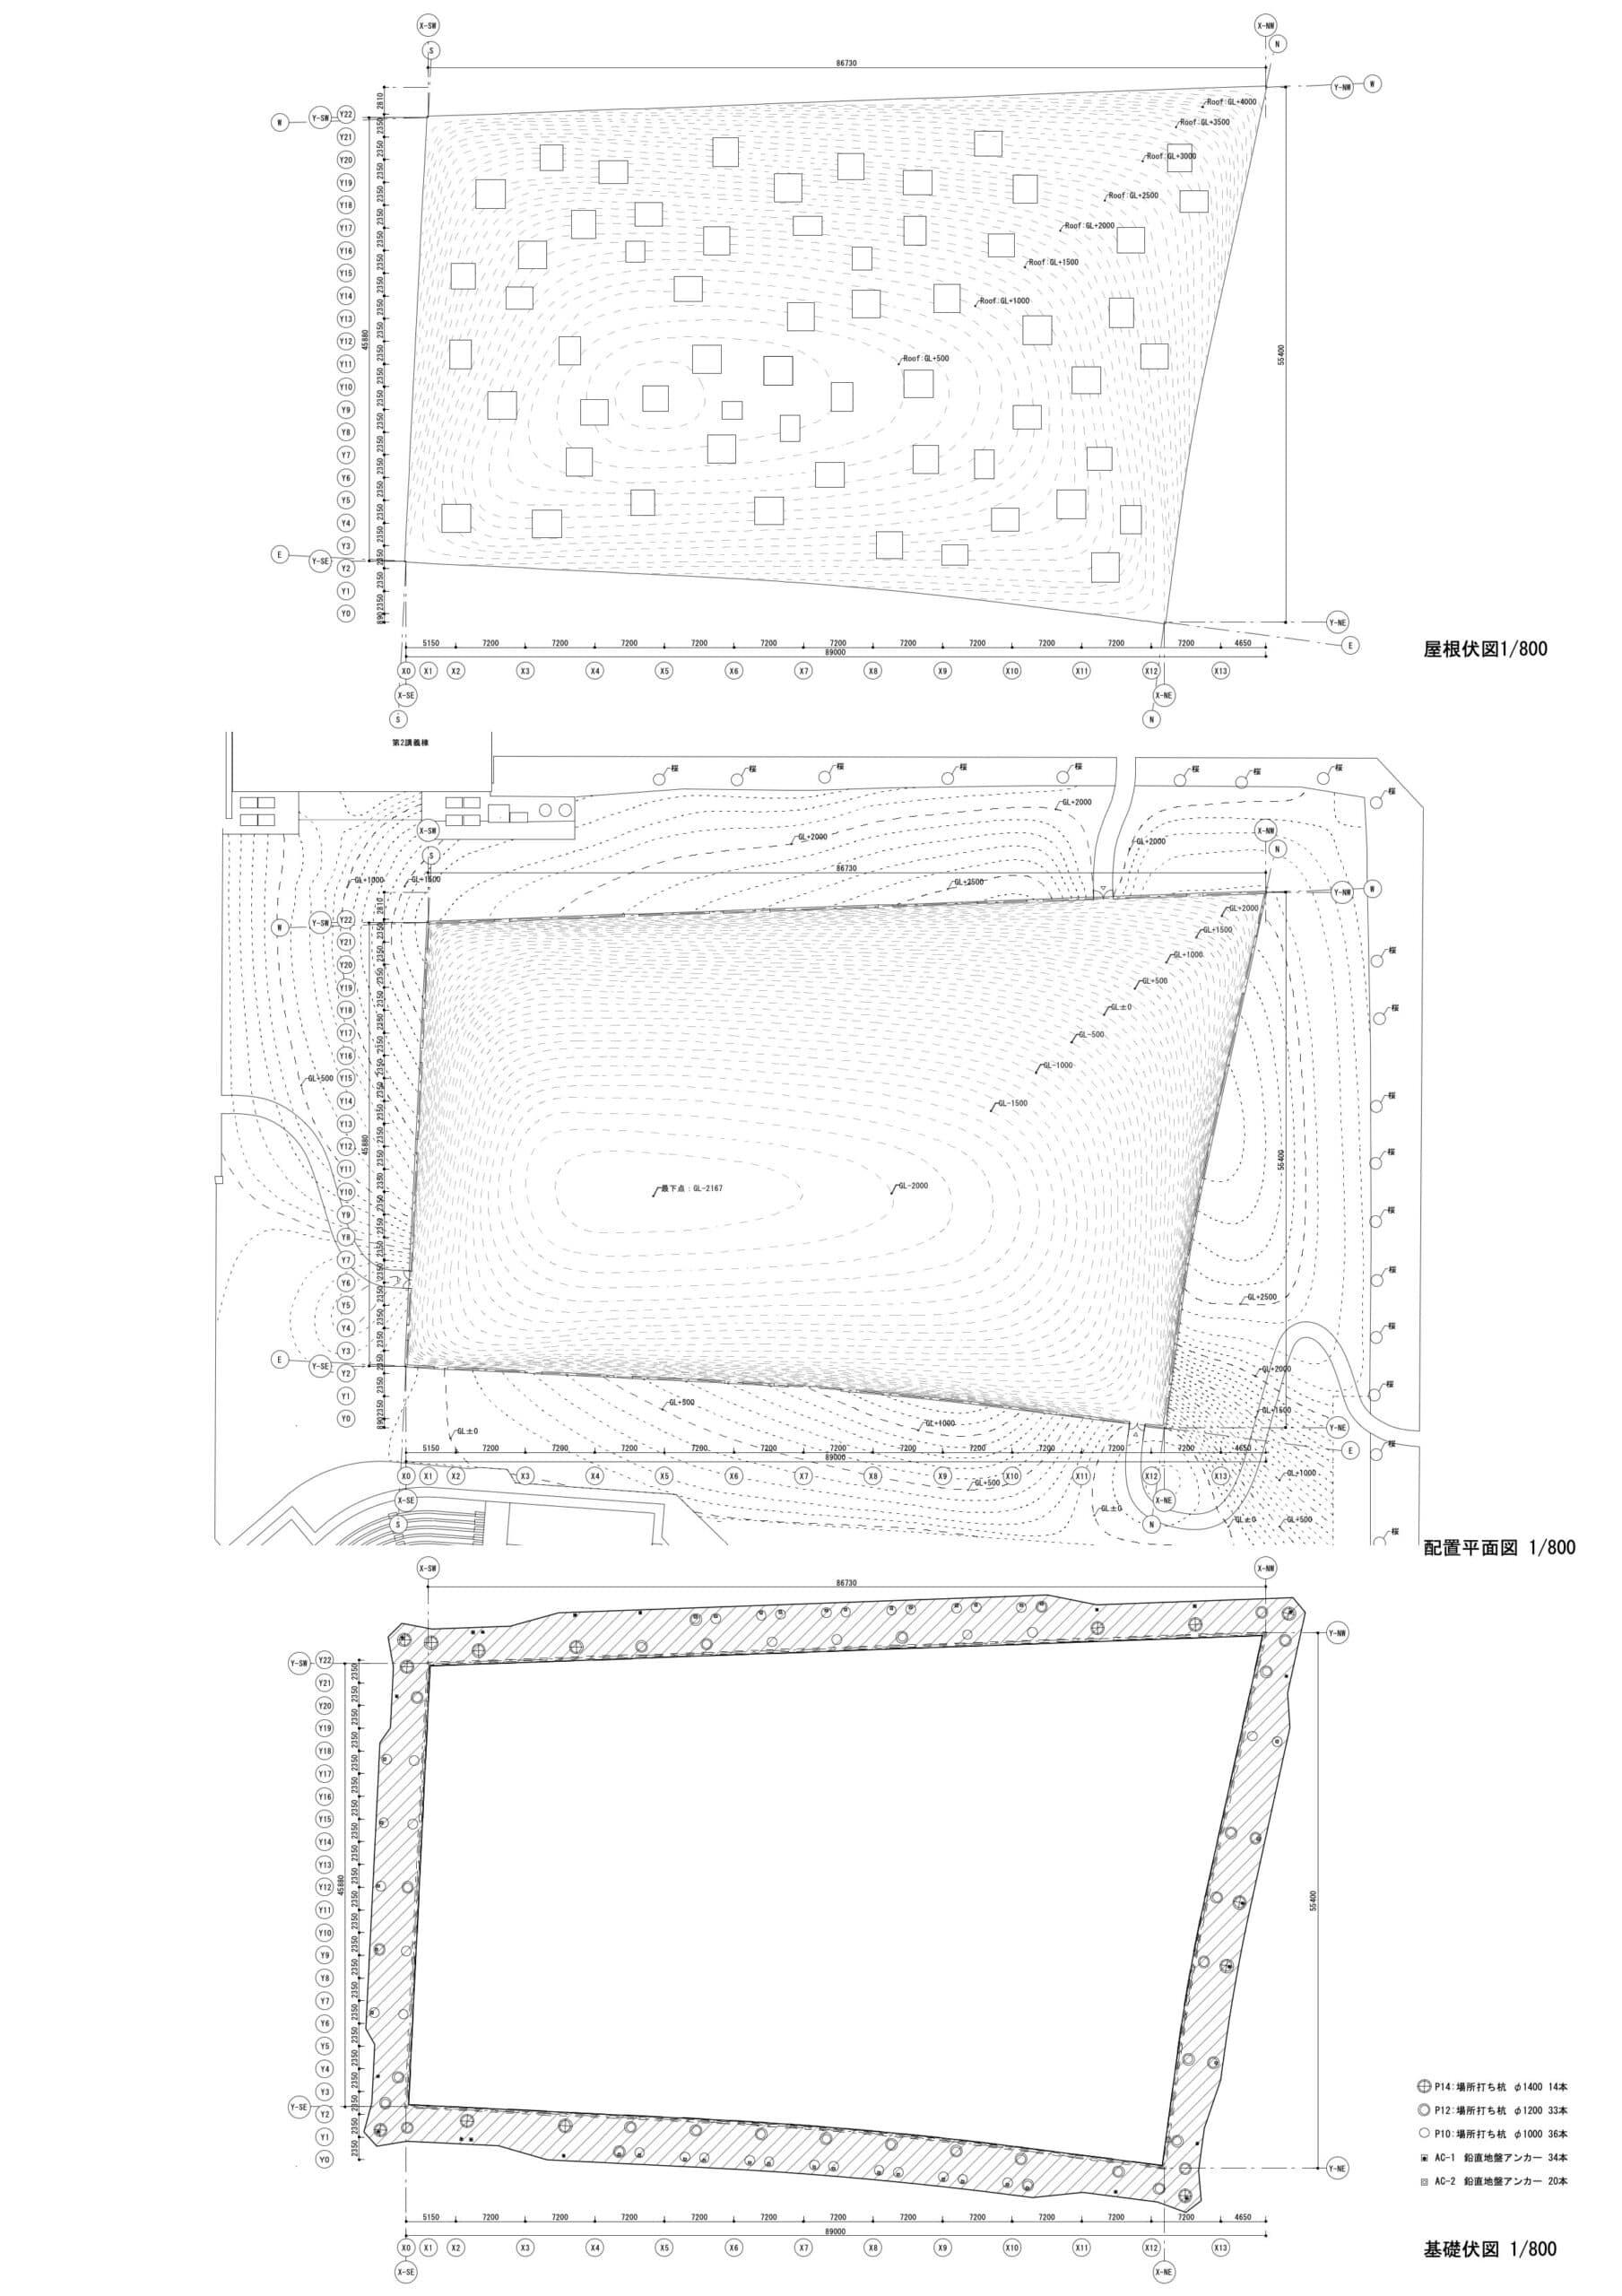 KAIT Plaza  - 20210706 Ishigami  Kanagawa 08.2.1 scaled 49